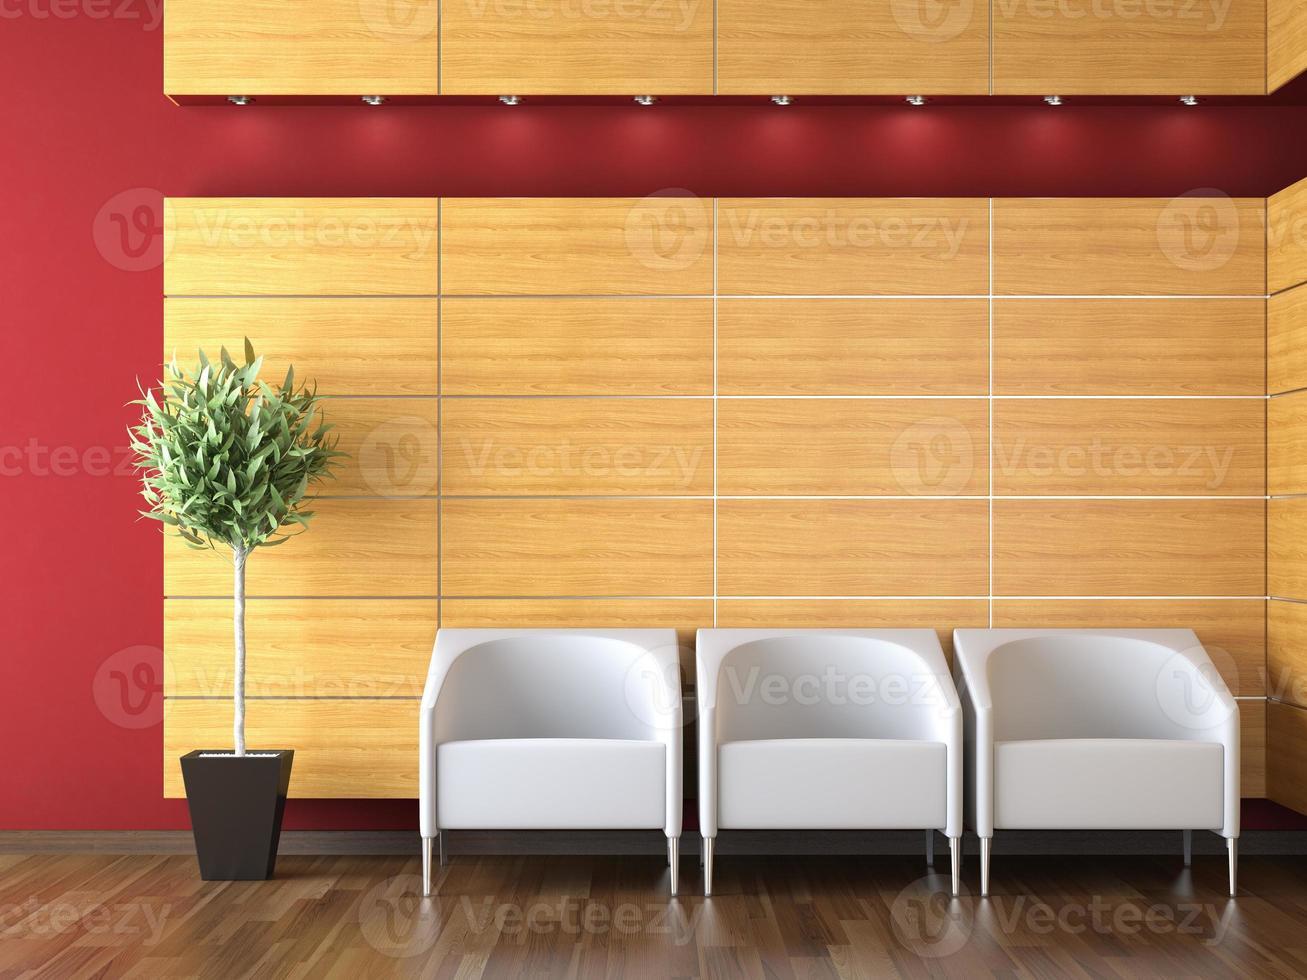 diseño interior de recepción moderna foto